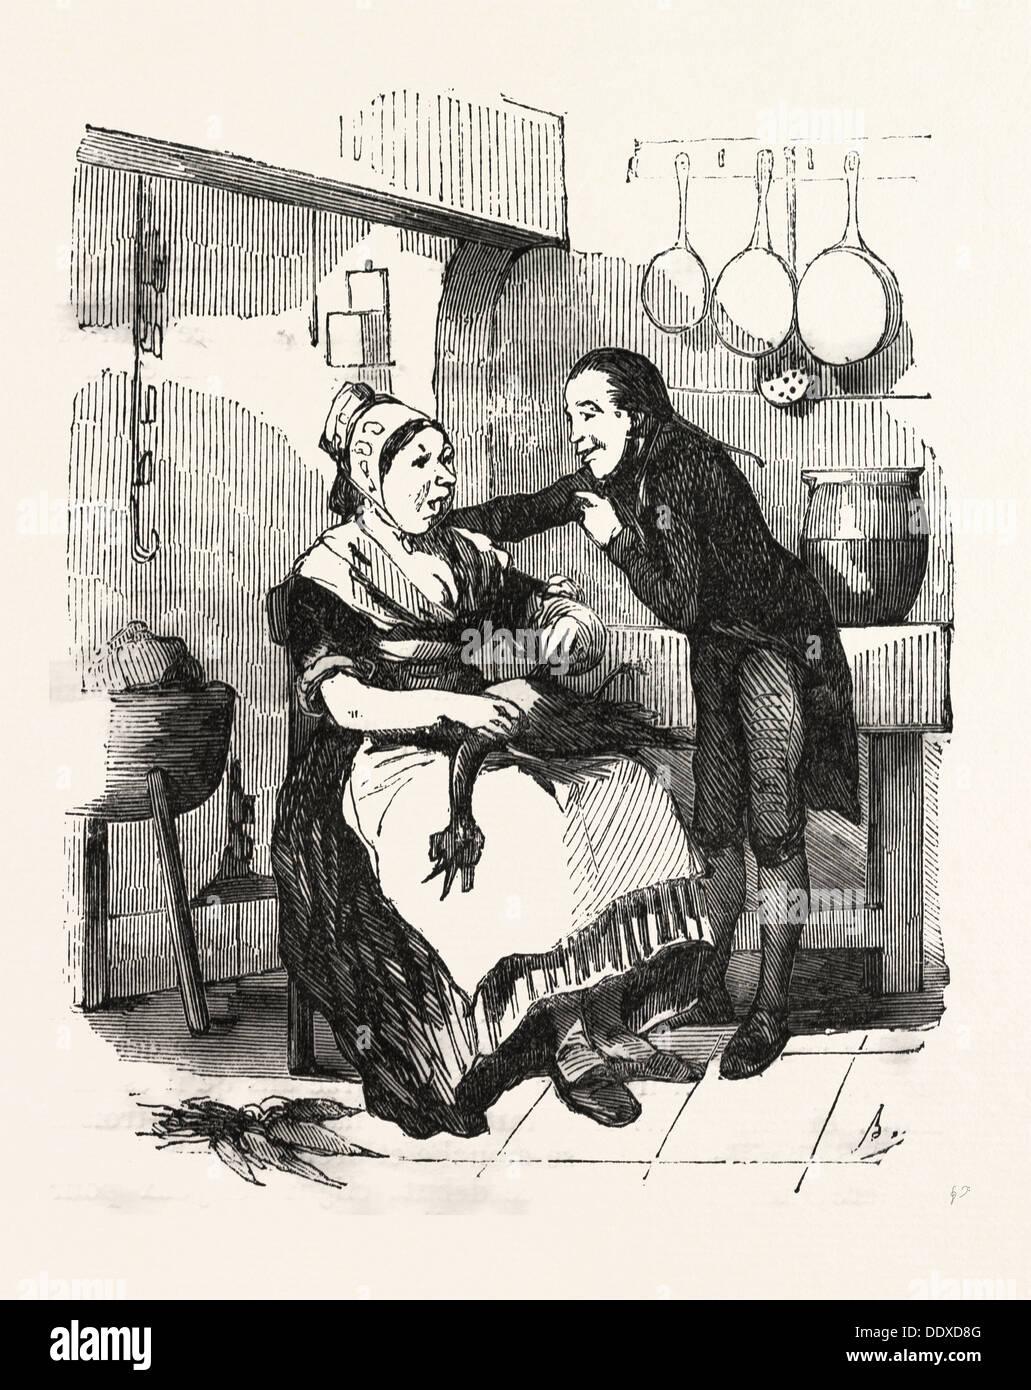 Der Koch und ihre Bewunderer in der Küche, Reinigung eine Gans ...